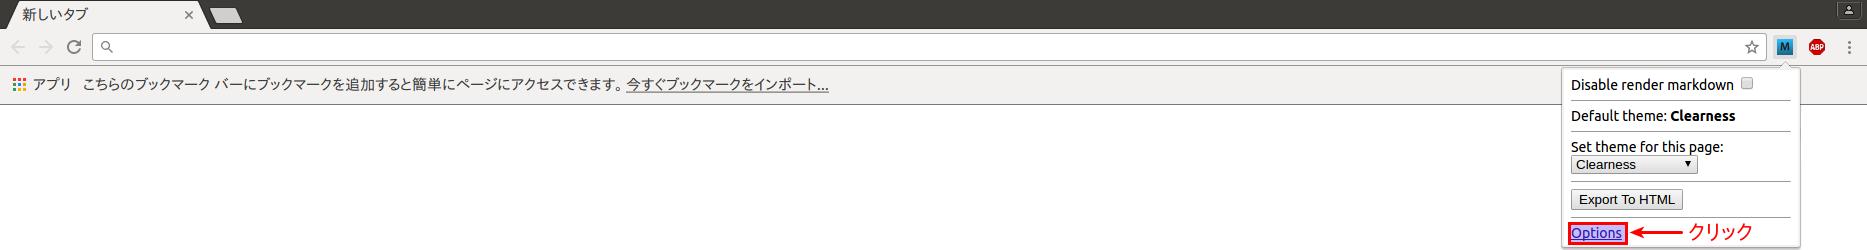 新しいタブ - Google Chrome_021.png